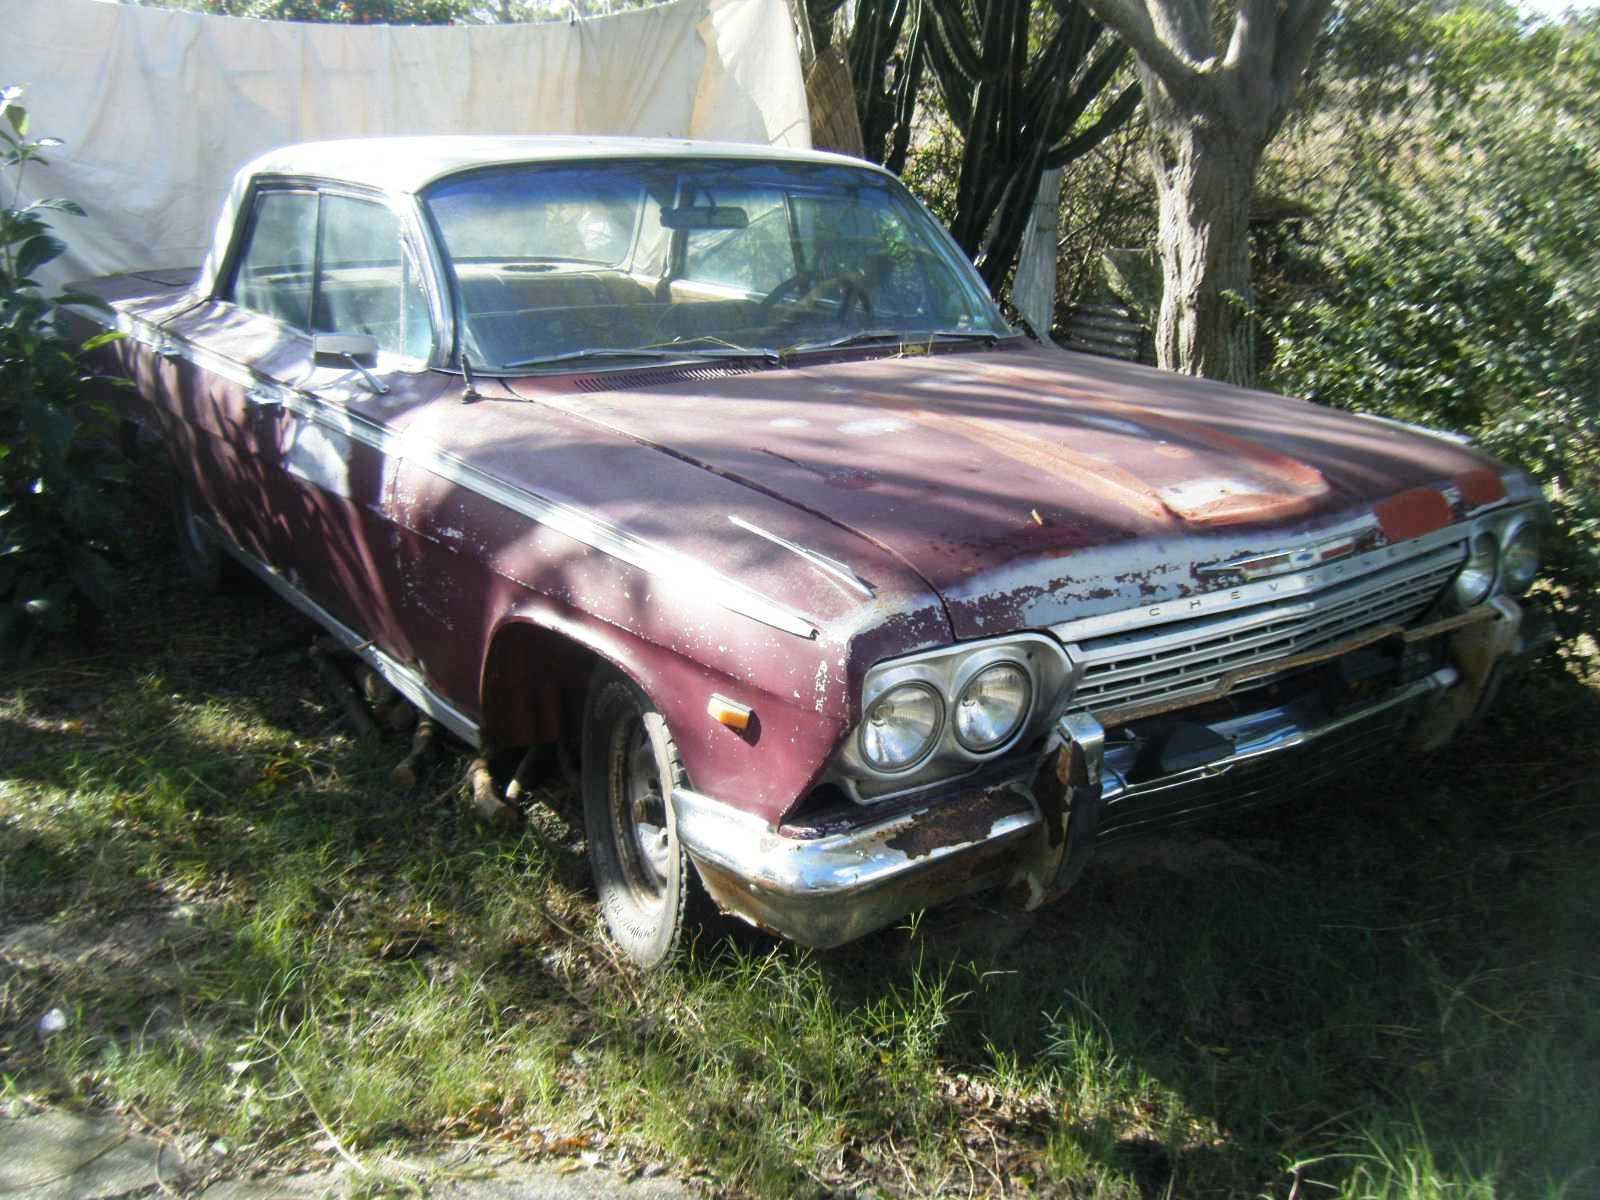 pablo-chevrolet-impala-1962 Chevrolet Impala